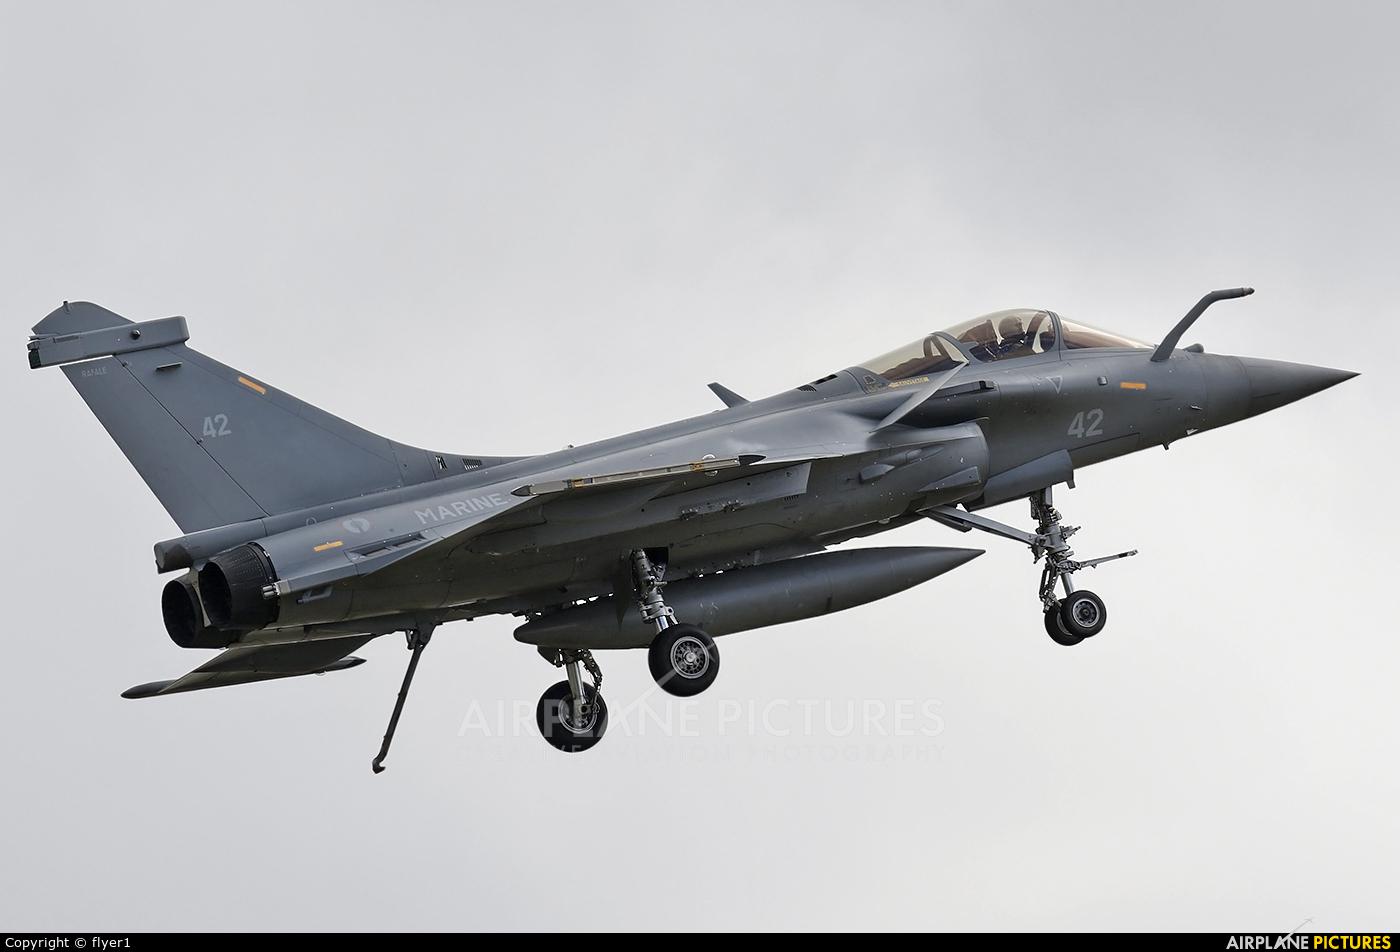 France - Navy 42 aircraft at Yeovilton